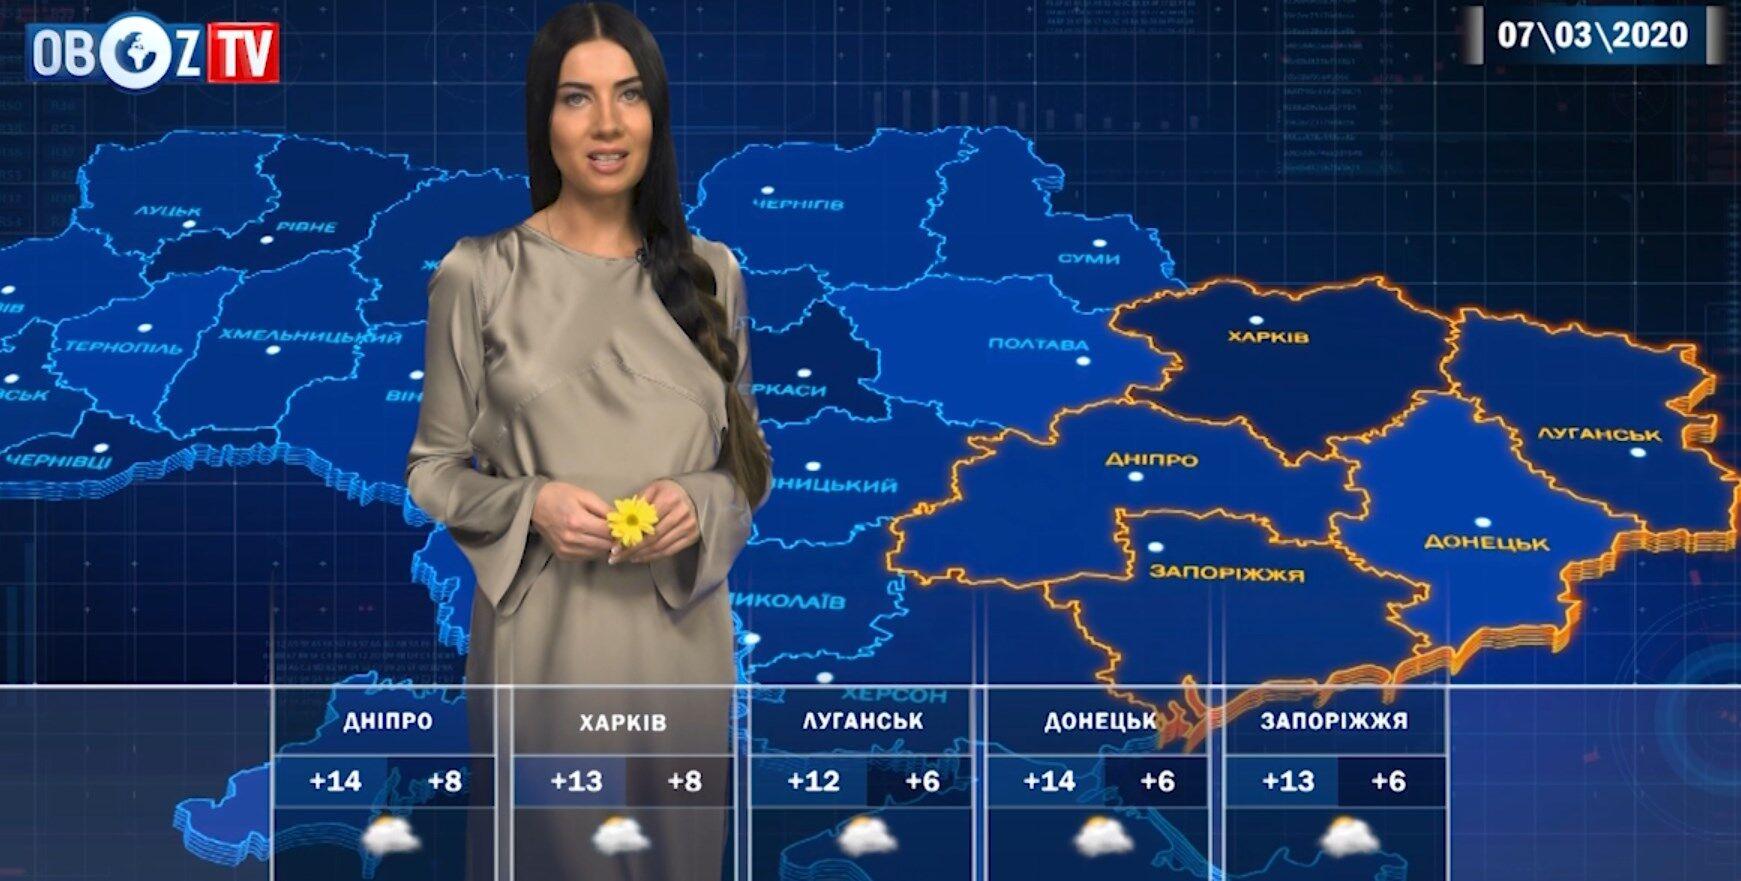 Погода перед 8 березня буде мінливою: прогноз від ObozTV